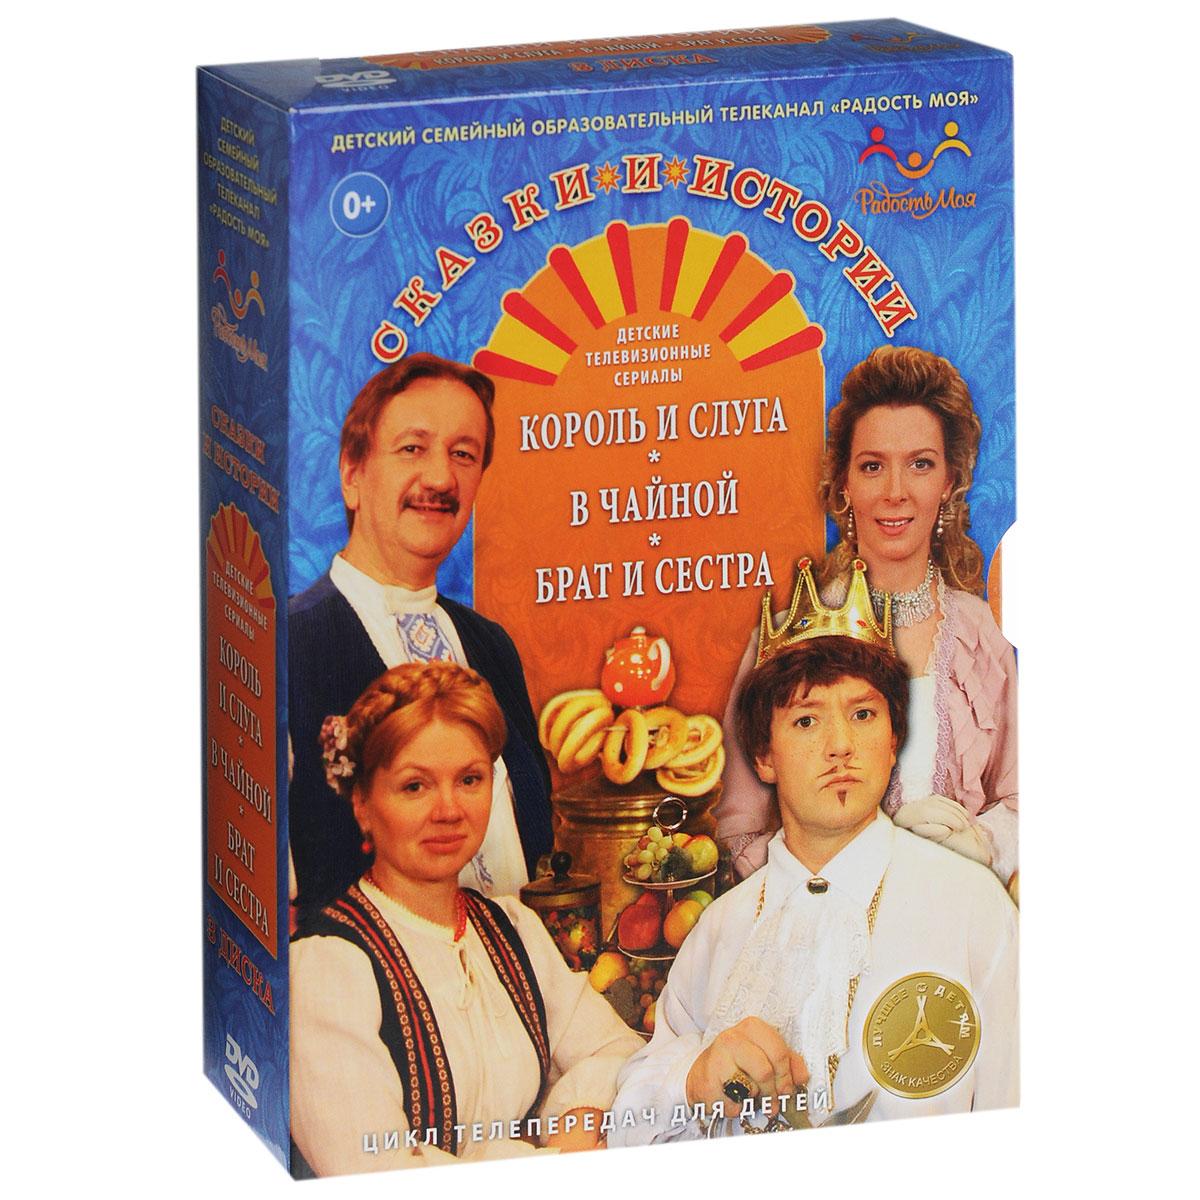 Король и слуга / В чайной / Брат и сестра (3 DVD)